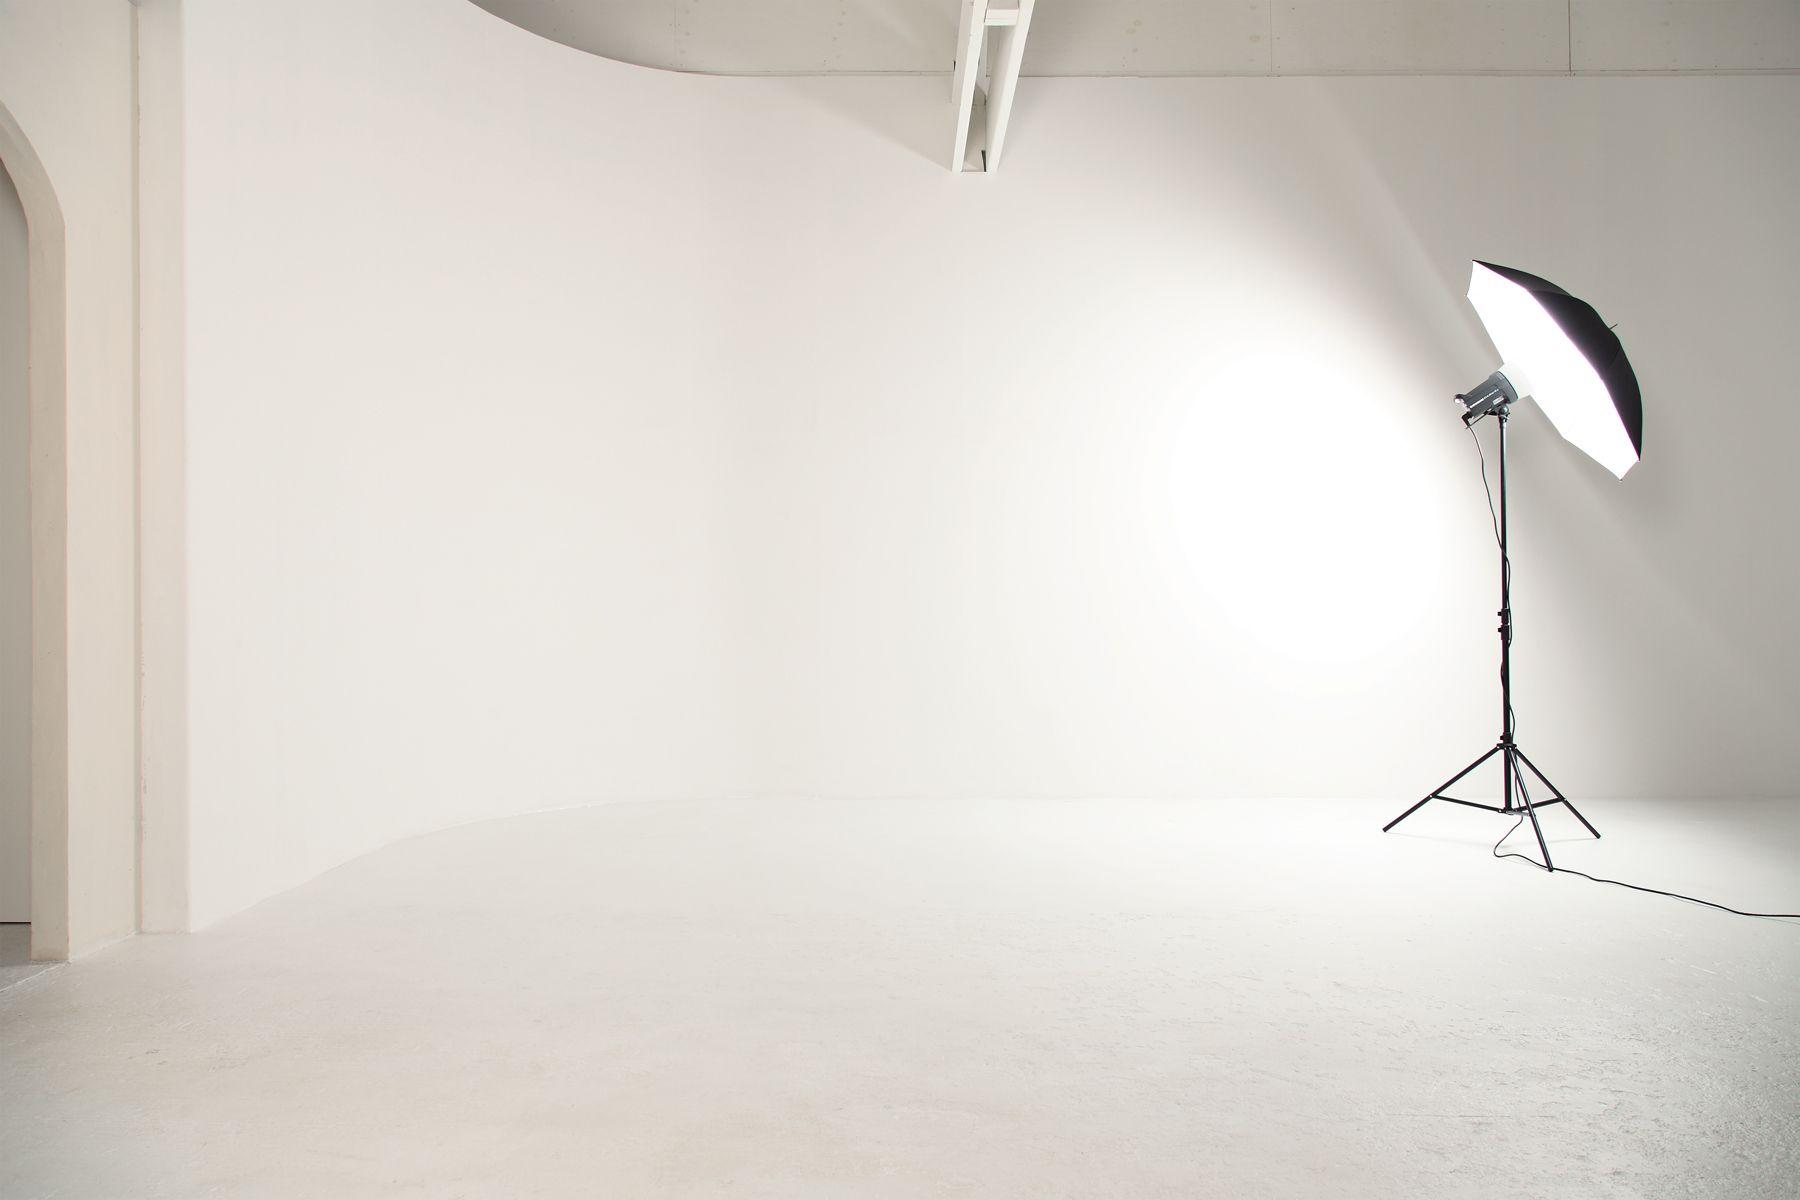 debolbe Studio&Warehouse (ディボルブ スタジオ)白ホリもあります